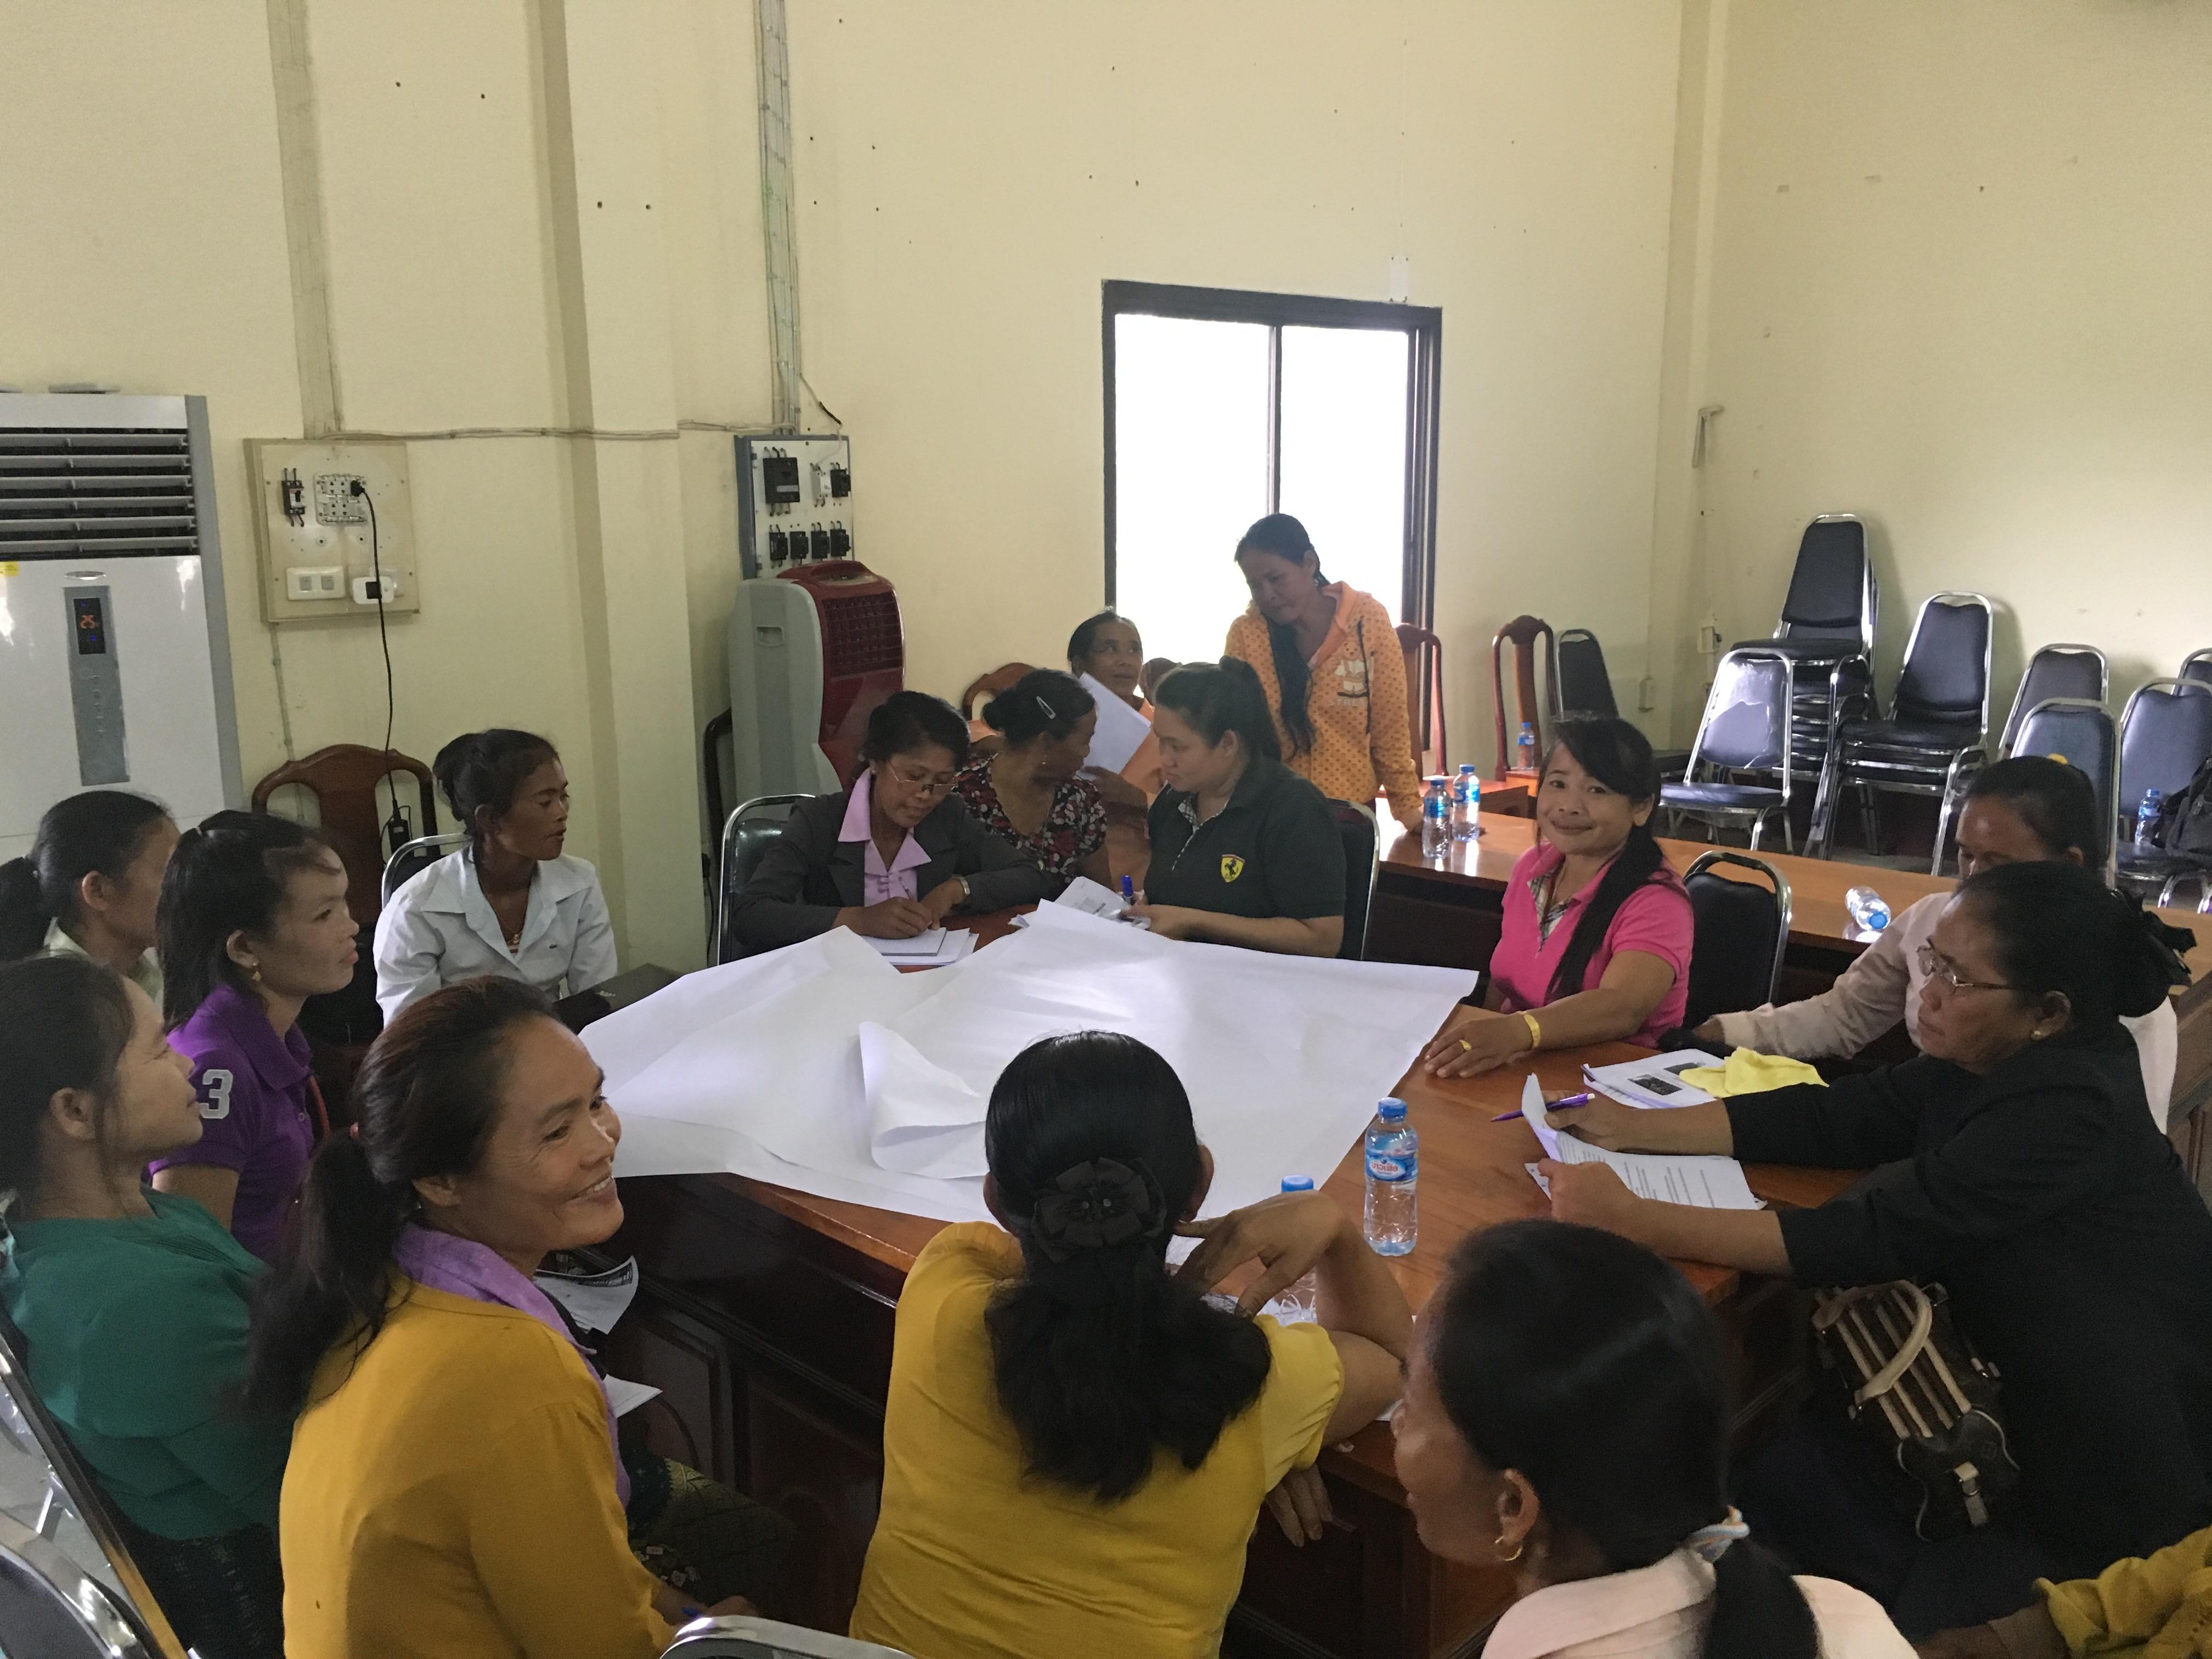 ກອງປະຊຸມປຶກສາຫາລືການສ້າງເຄືອຂ່າຍຊາວກະສິກອນແຂວງອັດຕະປື Consultation workshop on strengthening farmer network in Attapue province